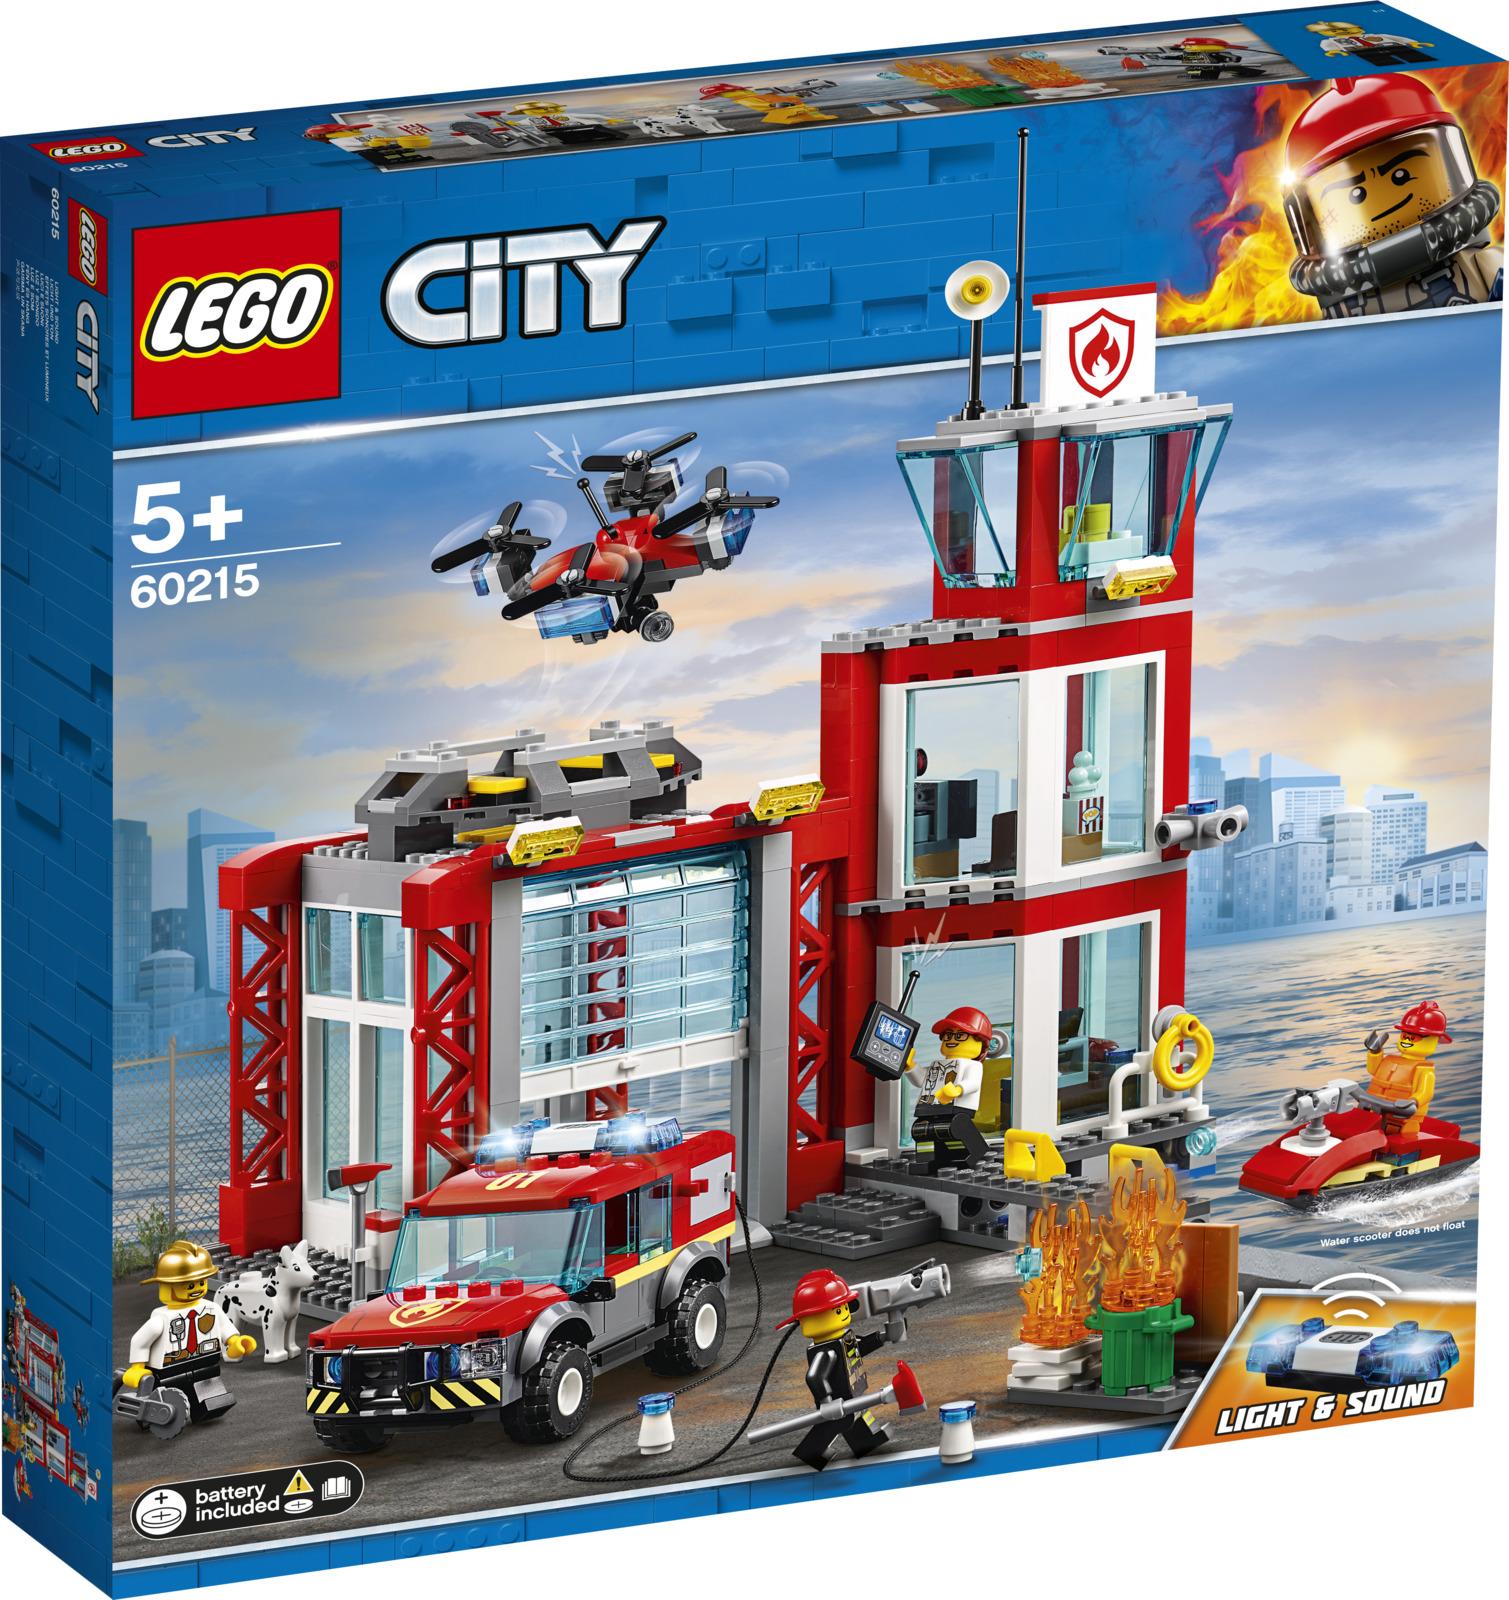 LEGO City 60215 Пожарное депо Конструктор60215Отдохни вместе с товарищами по пожарной службе из Пожарного депо! Возьми чашку кофе и попкорн, пока ждёшь нового вызова у телевизора в Пожарном депо в компании пожарного пса. Подожди-ка, из-за чего звучит тревога? Где-то в городе вспыхнул пожар! Включи фары и сирену на внедорожнике, чтобы расчистить дорогу, пока твой напарник запускает беспилотник для разведки места пожара сверху. Успеешь ли ты? Это еще один захватывающий день для Экипажа пожарных города LEGO City!